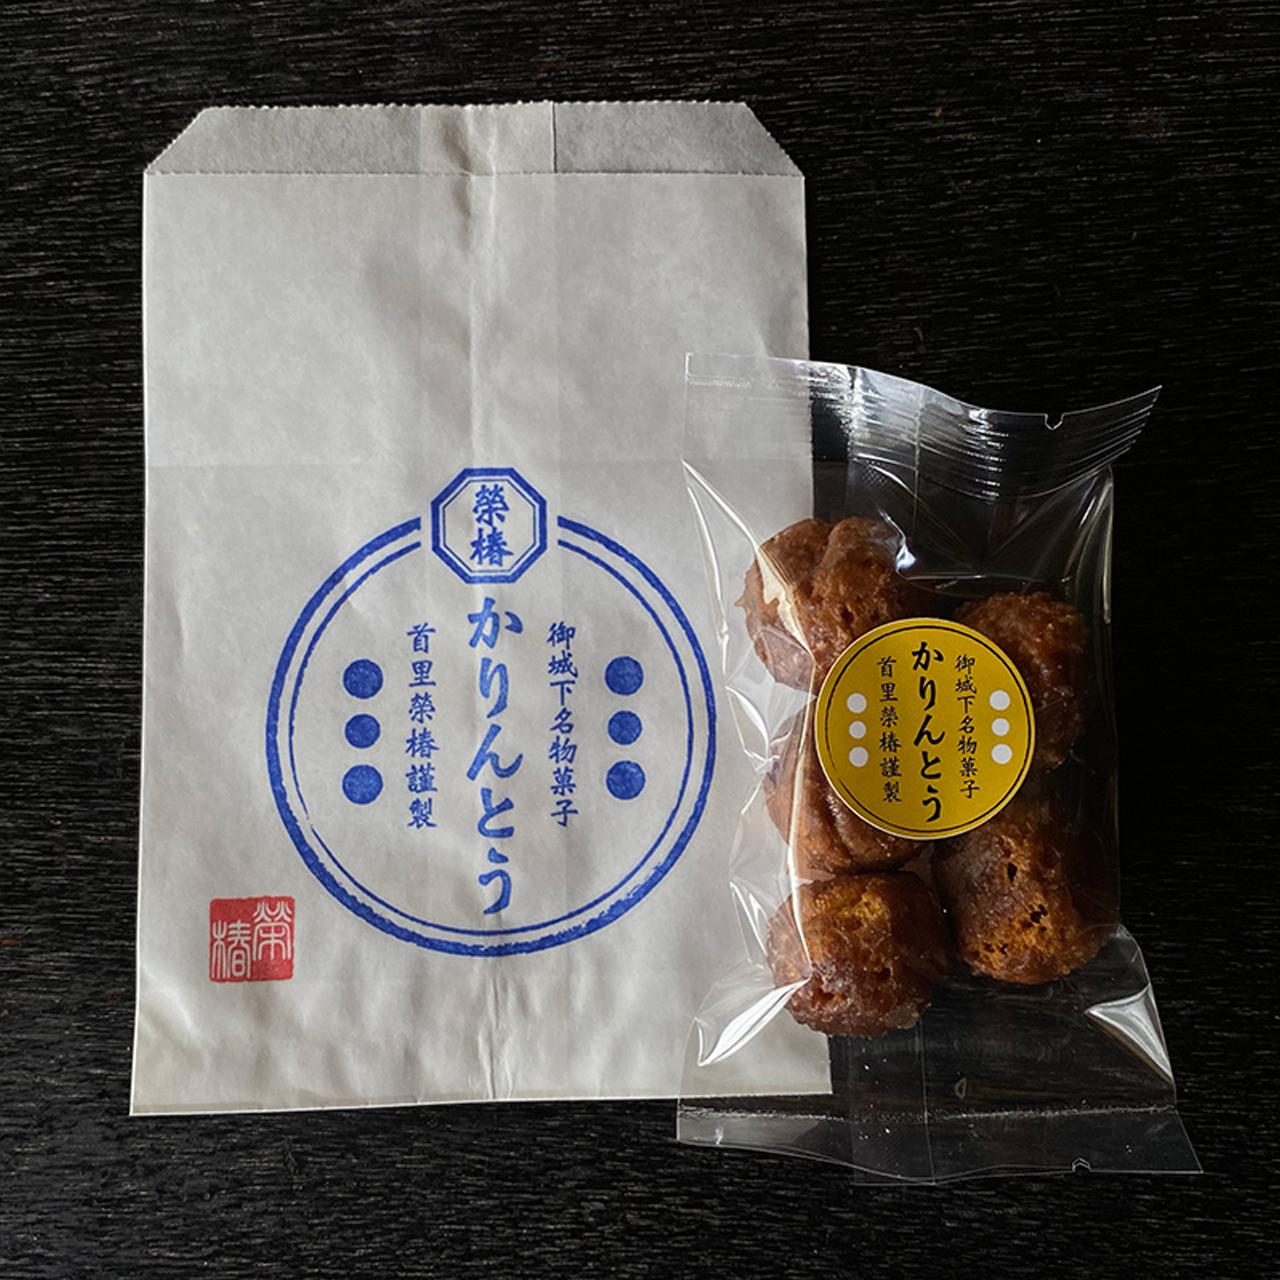 榮椿 黒糖かりんとう